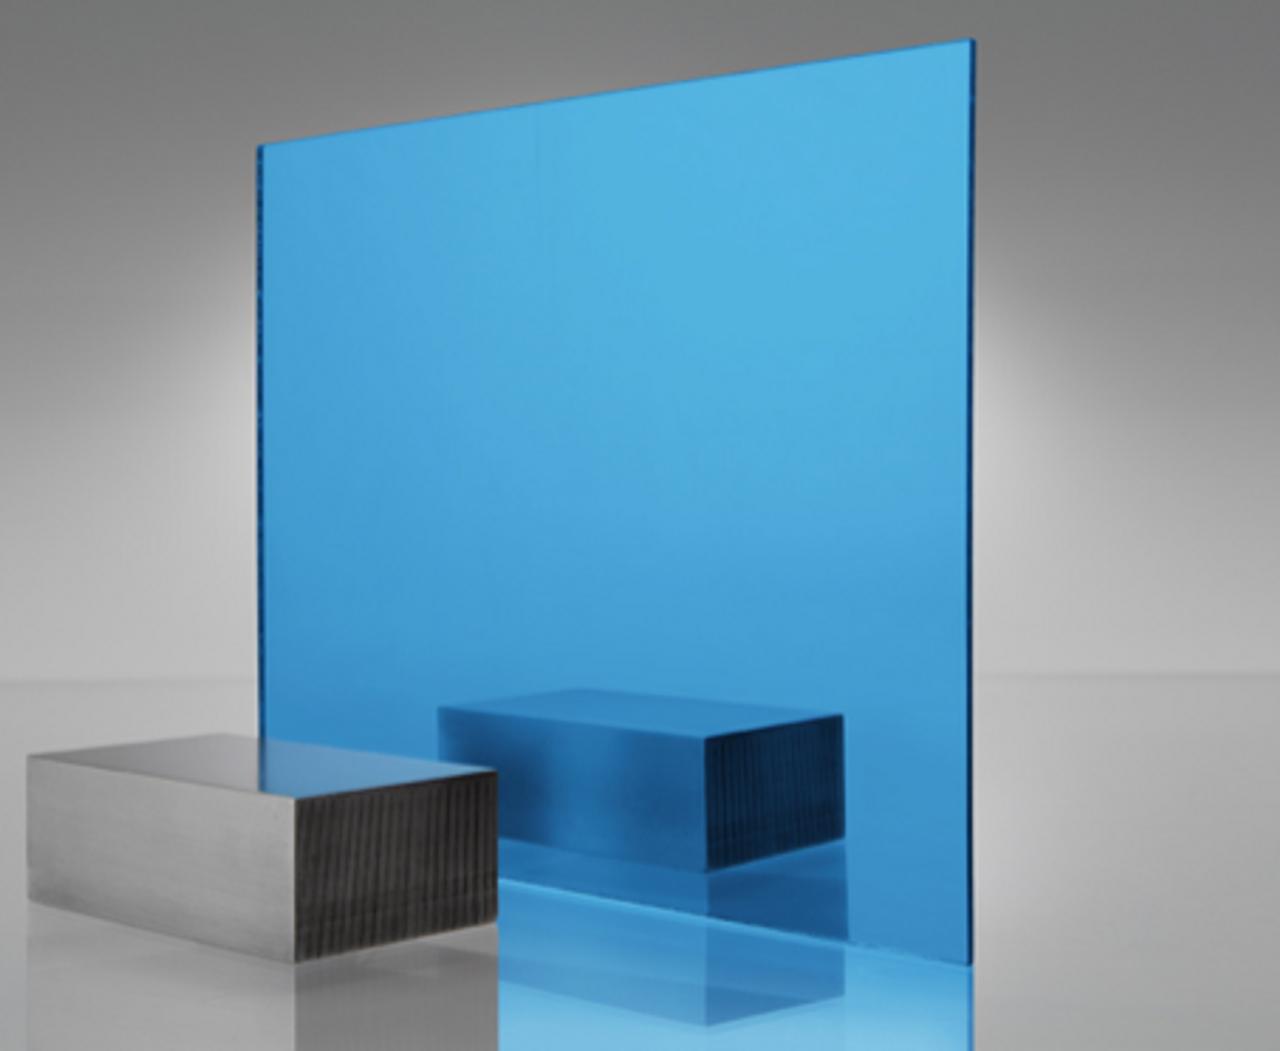 4x8' Mirrored Acrylic BLUE